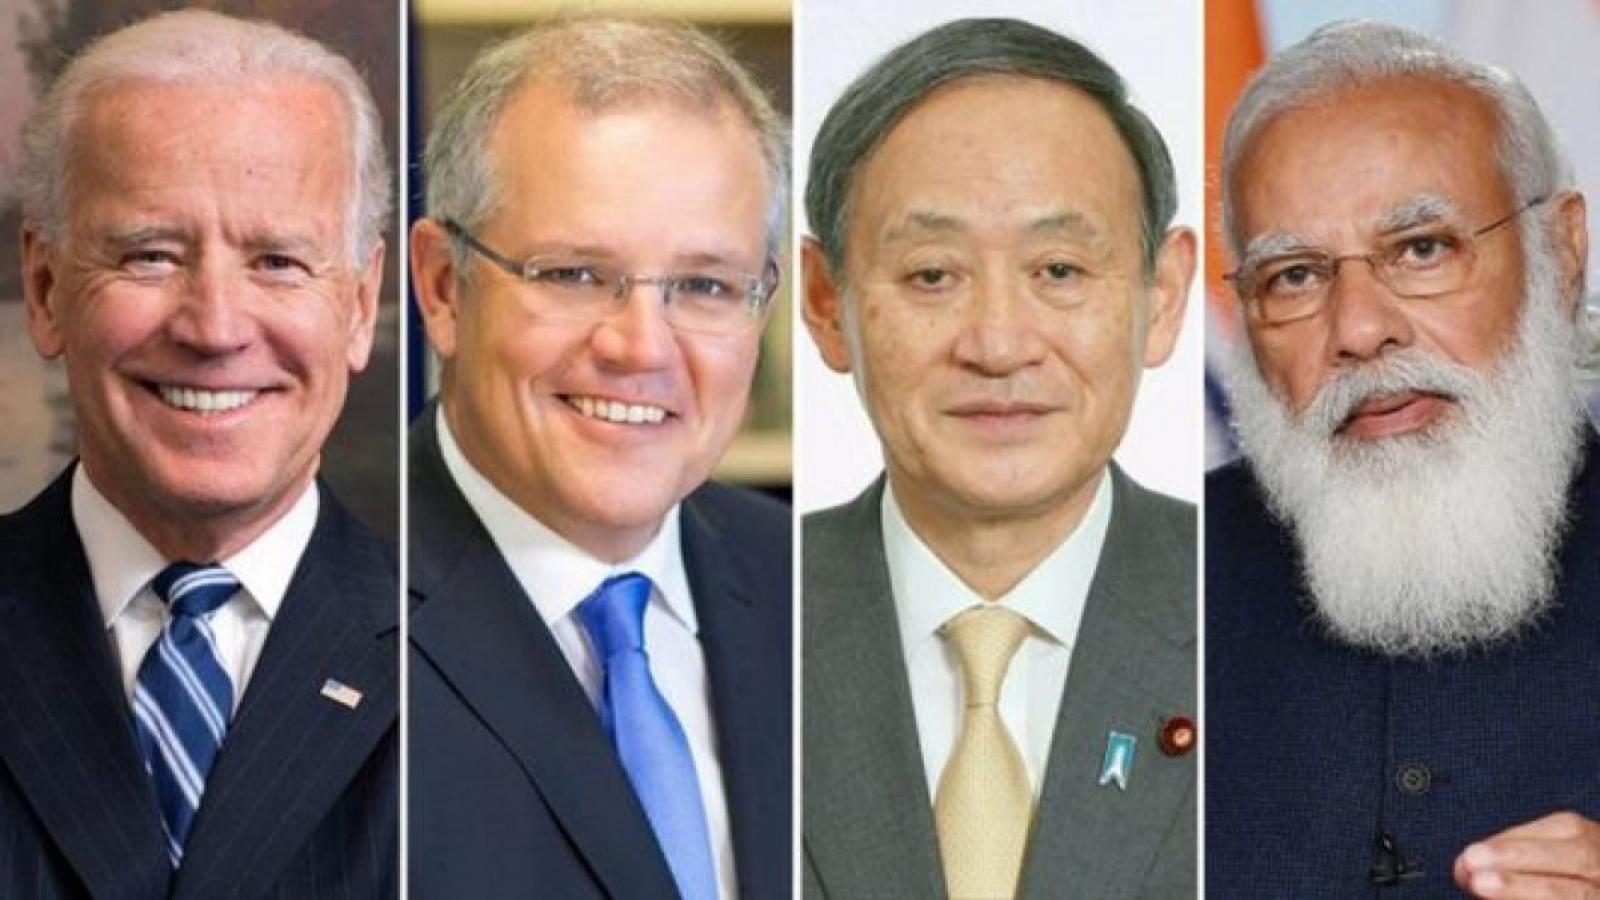 Tổng thống Mỹ Joe Biden sẽ họp trực tuyến với lãnh đạo Nhật Bản, Ấn Độ và Australia